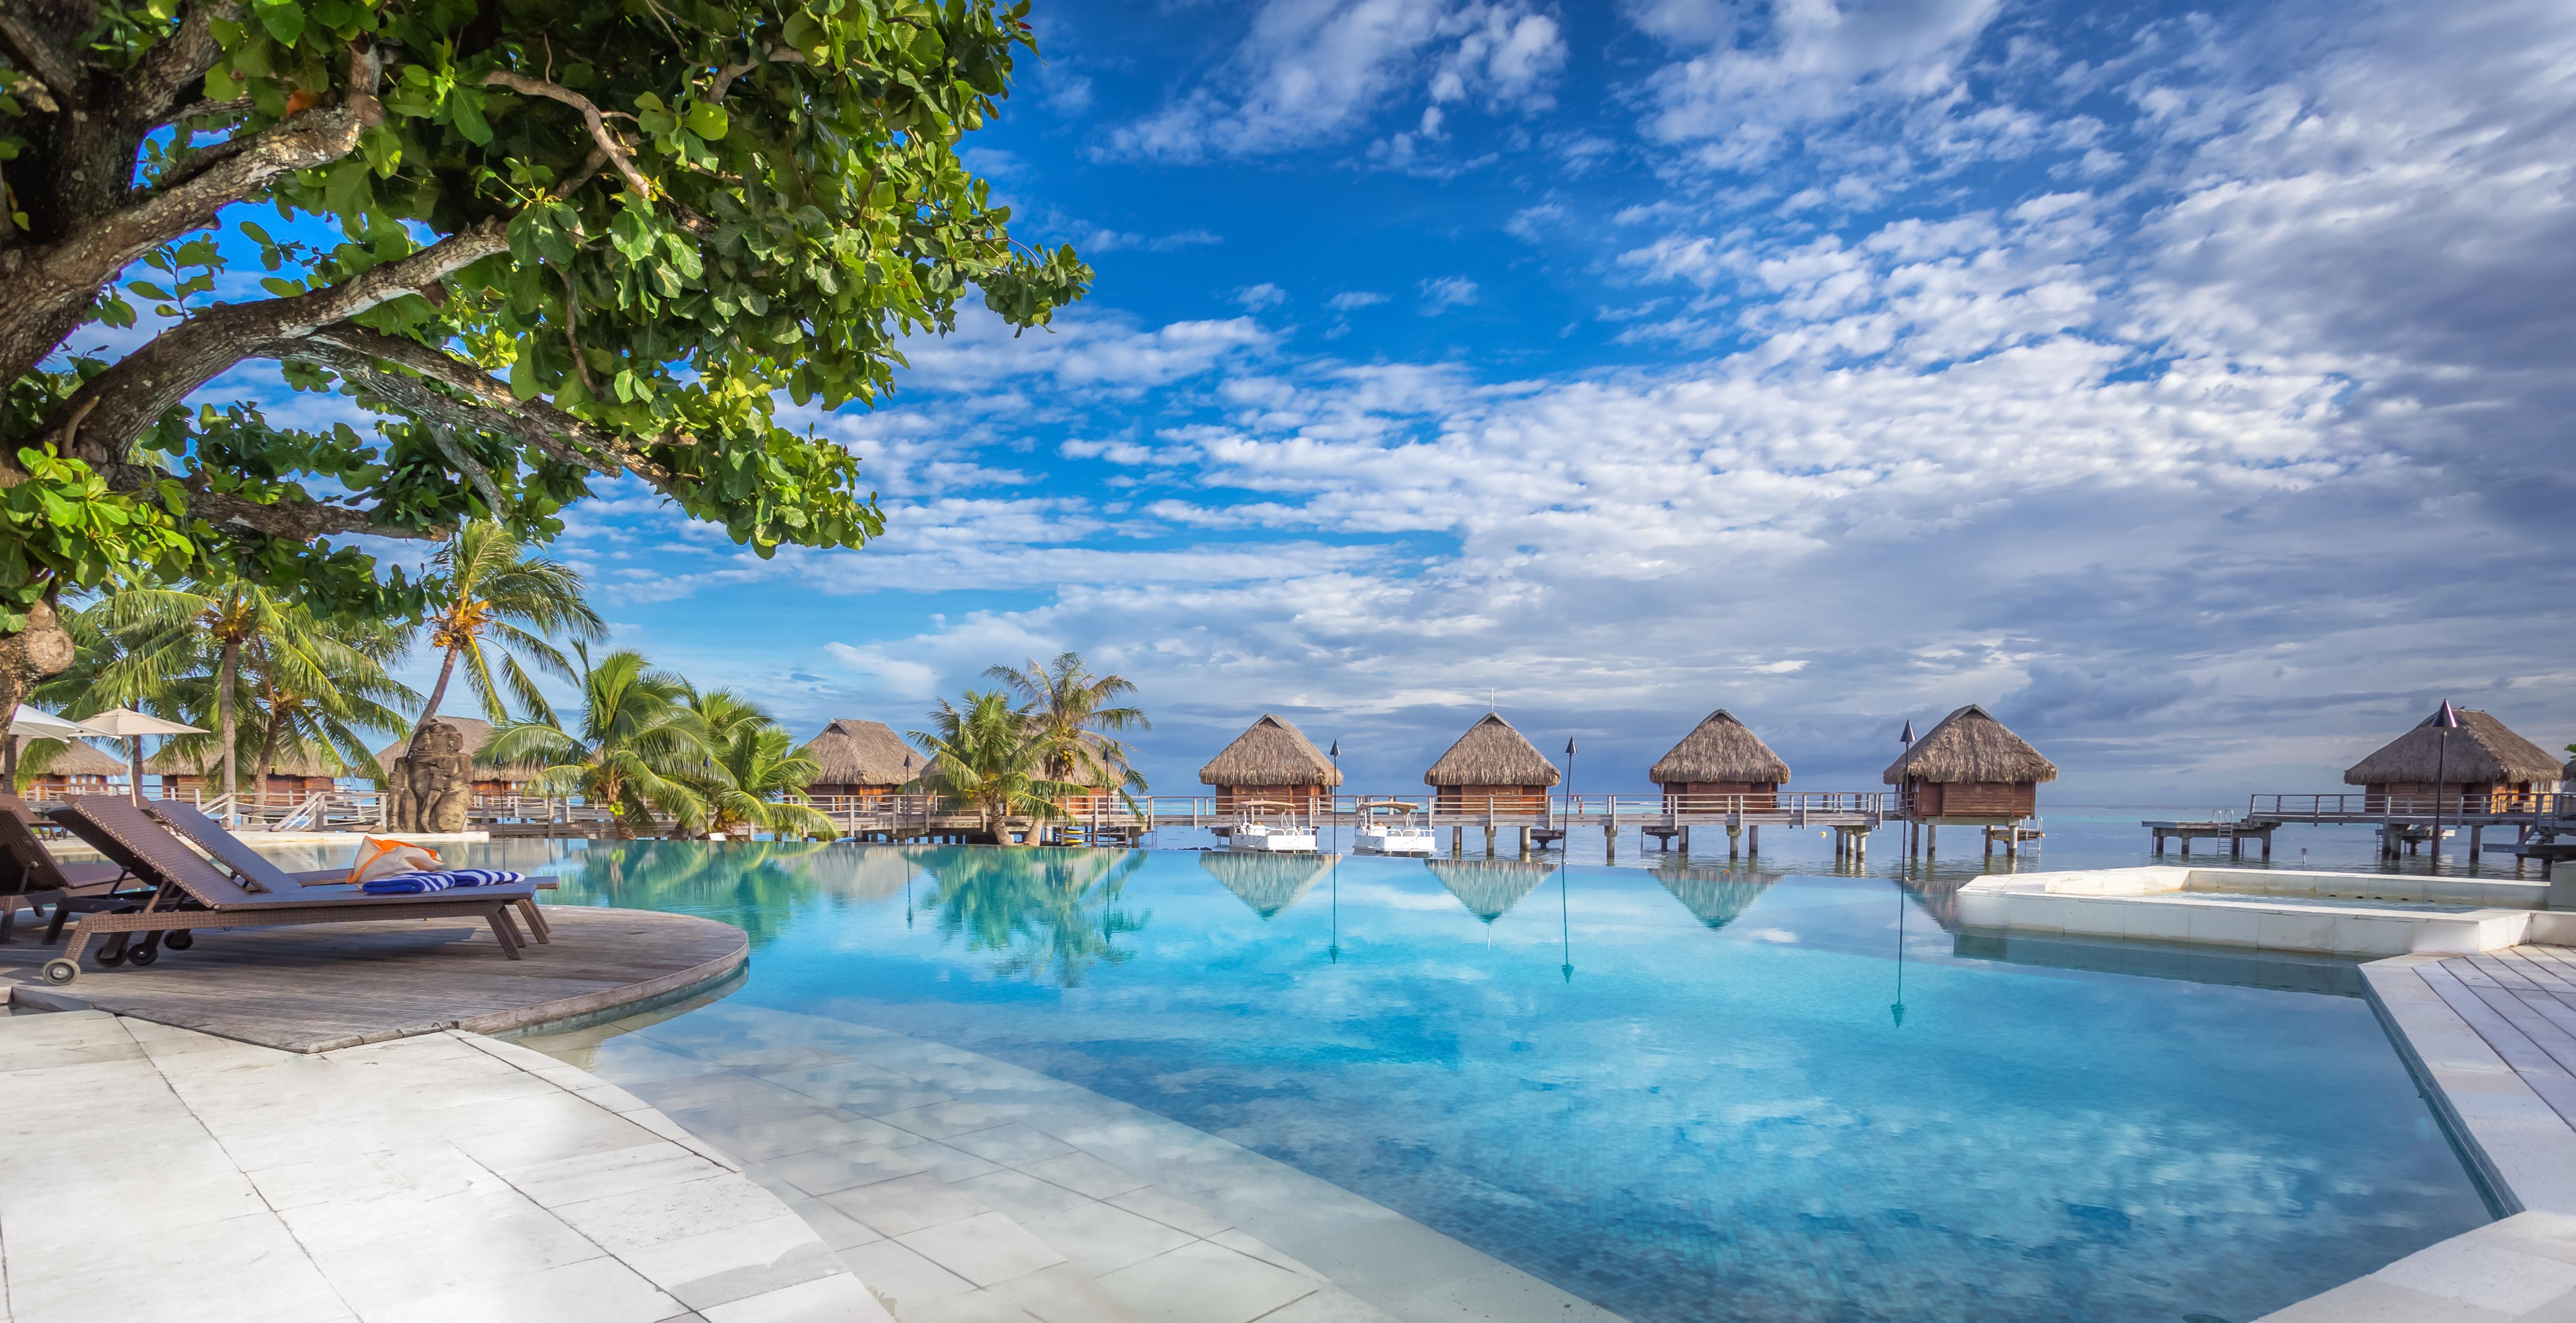 https://tahititourisme.nz/wp-content/uploads/2017/08/HEBERGEMENT-Manava-Beach-Resort-and-Spa-Moorea-1-Charles_Veronese.jpg